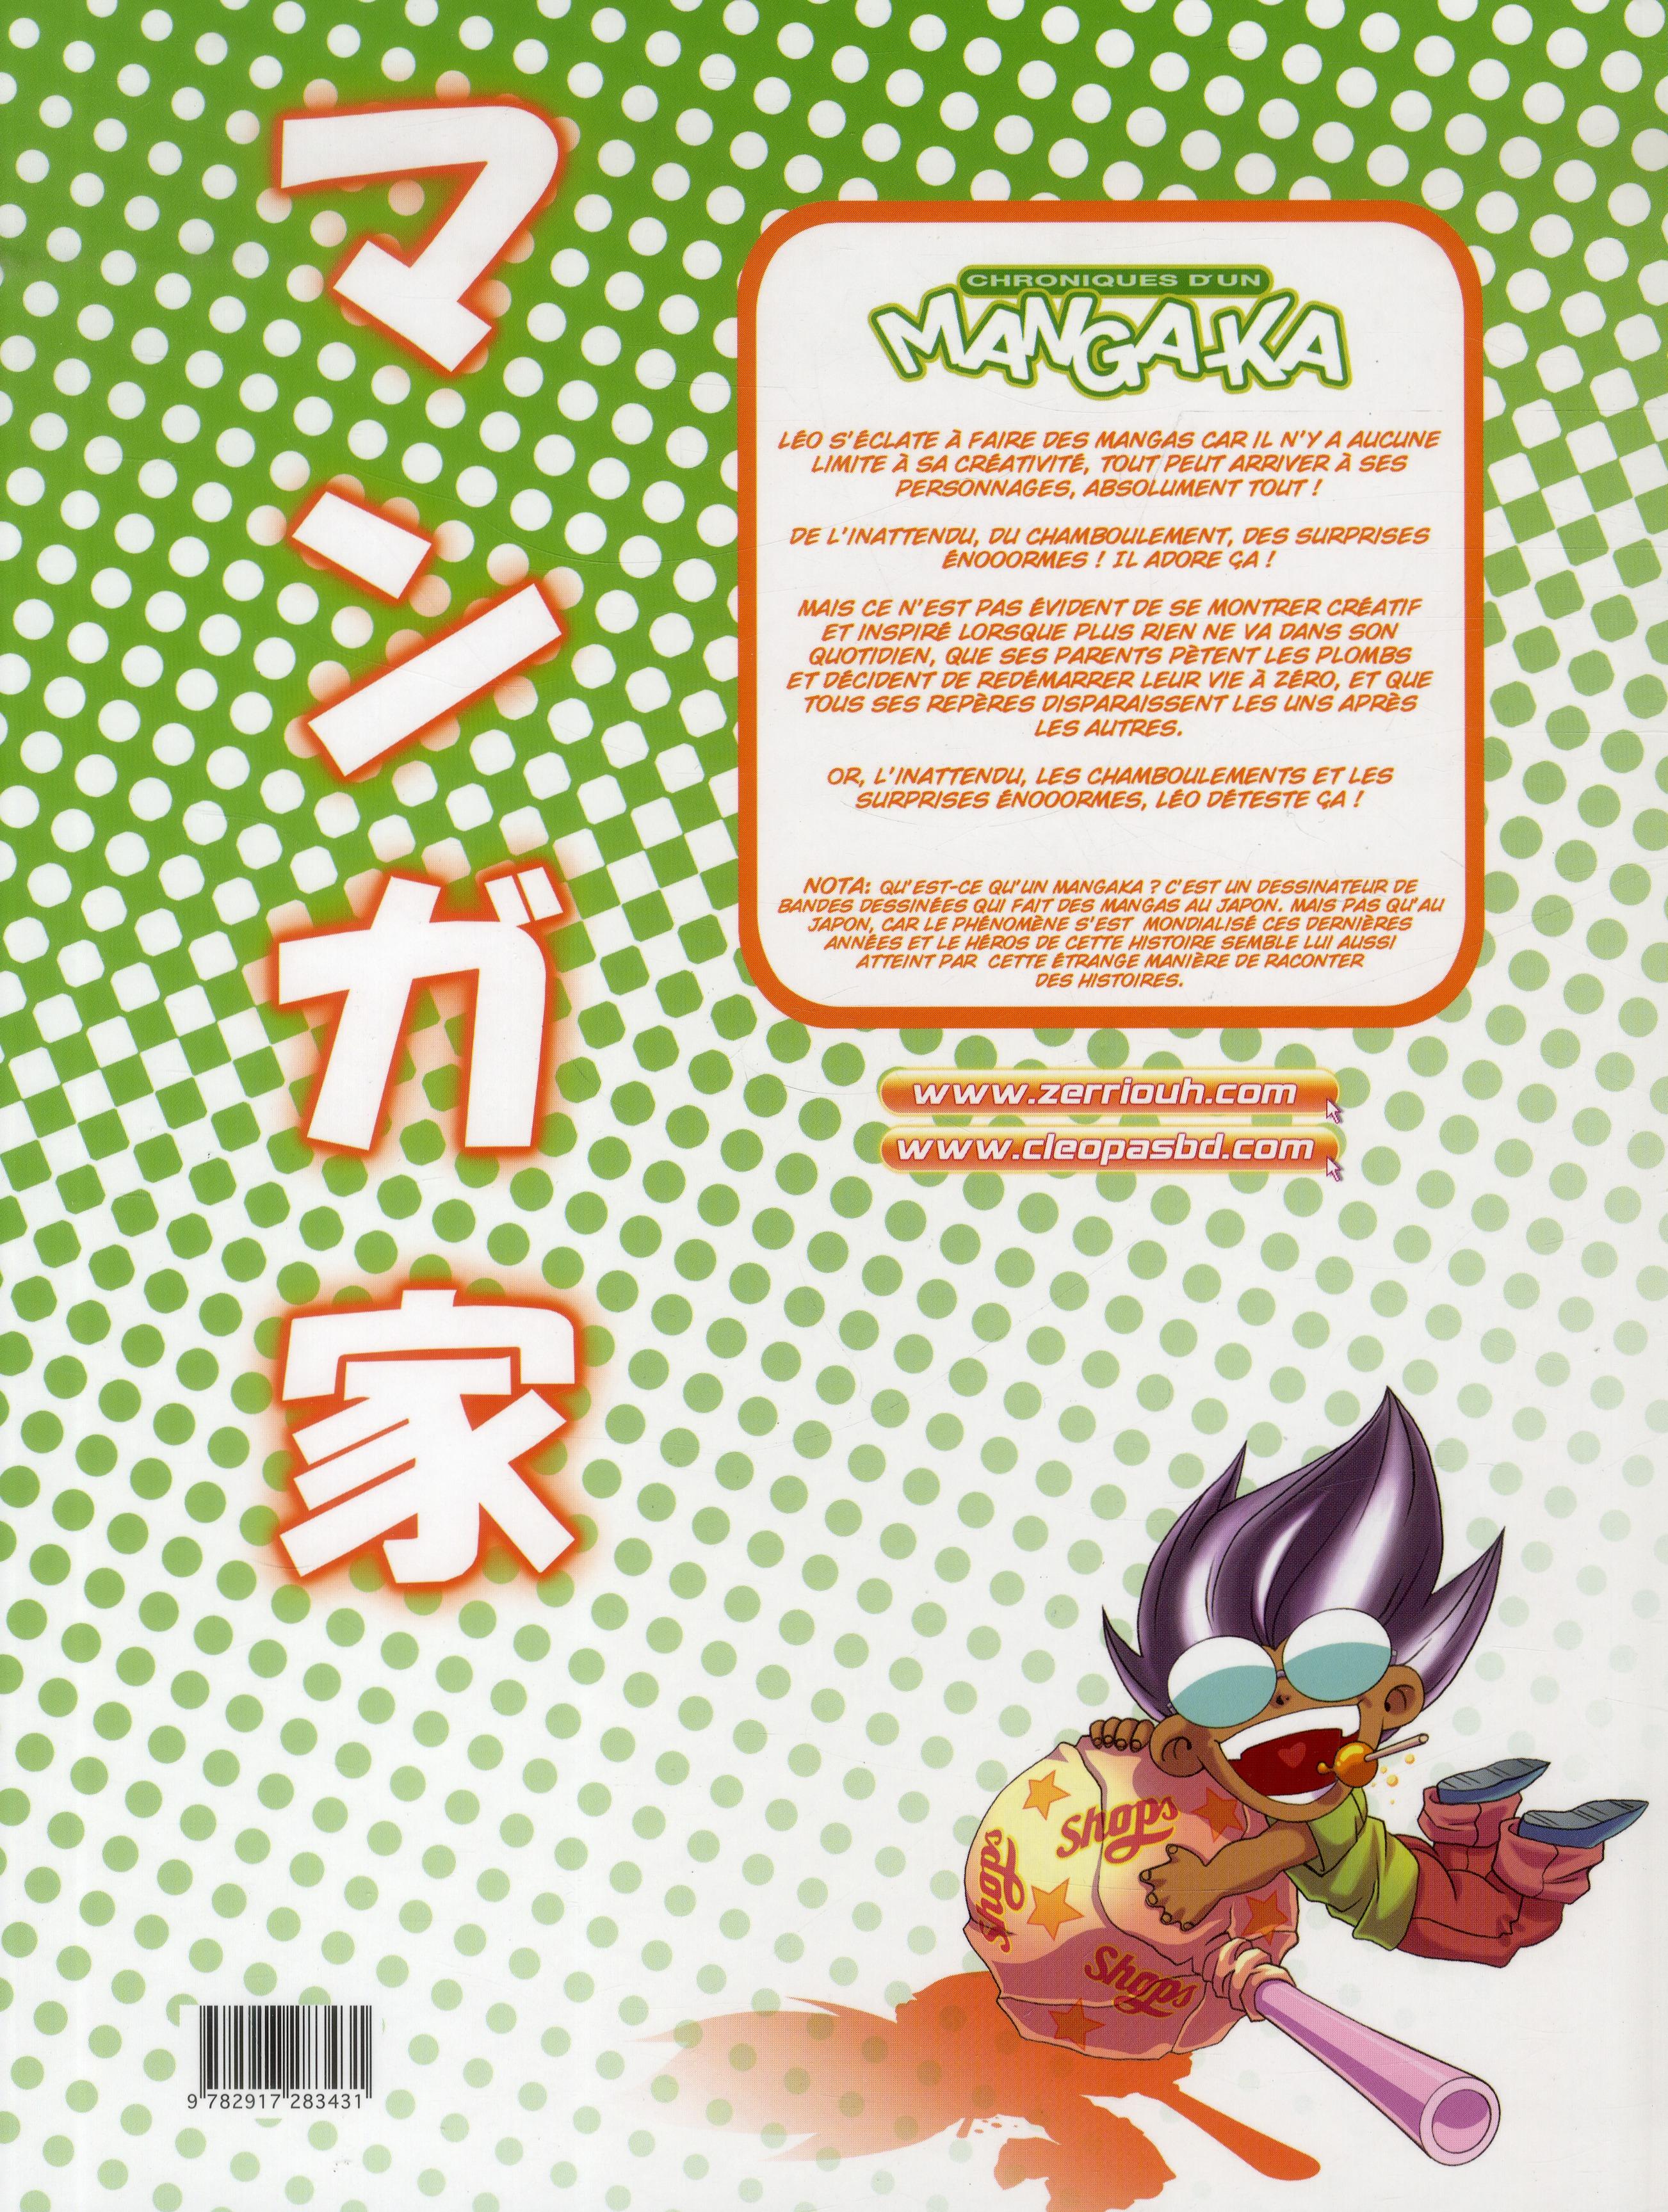 Chronique d'un manga-ka t.3